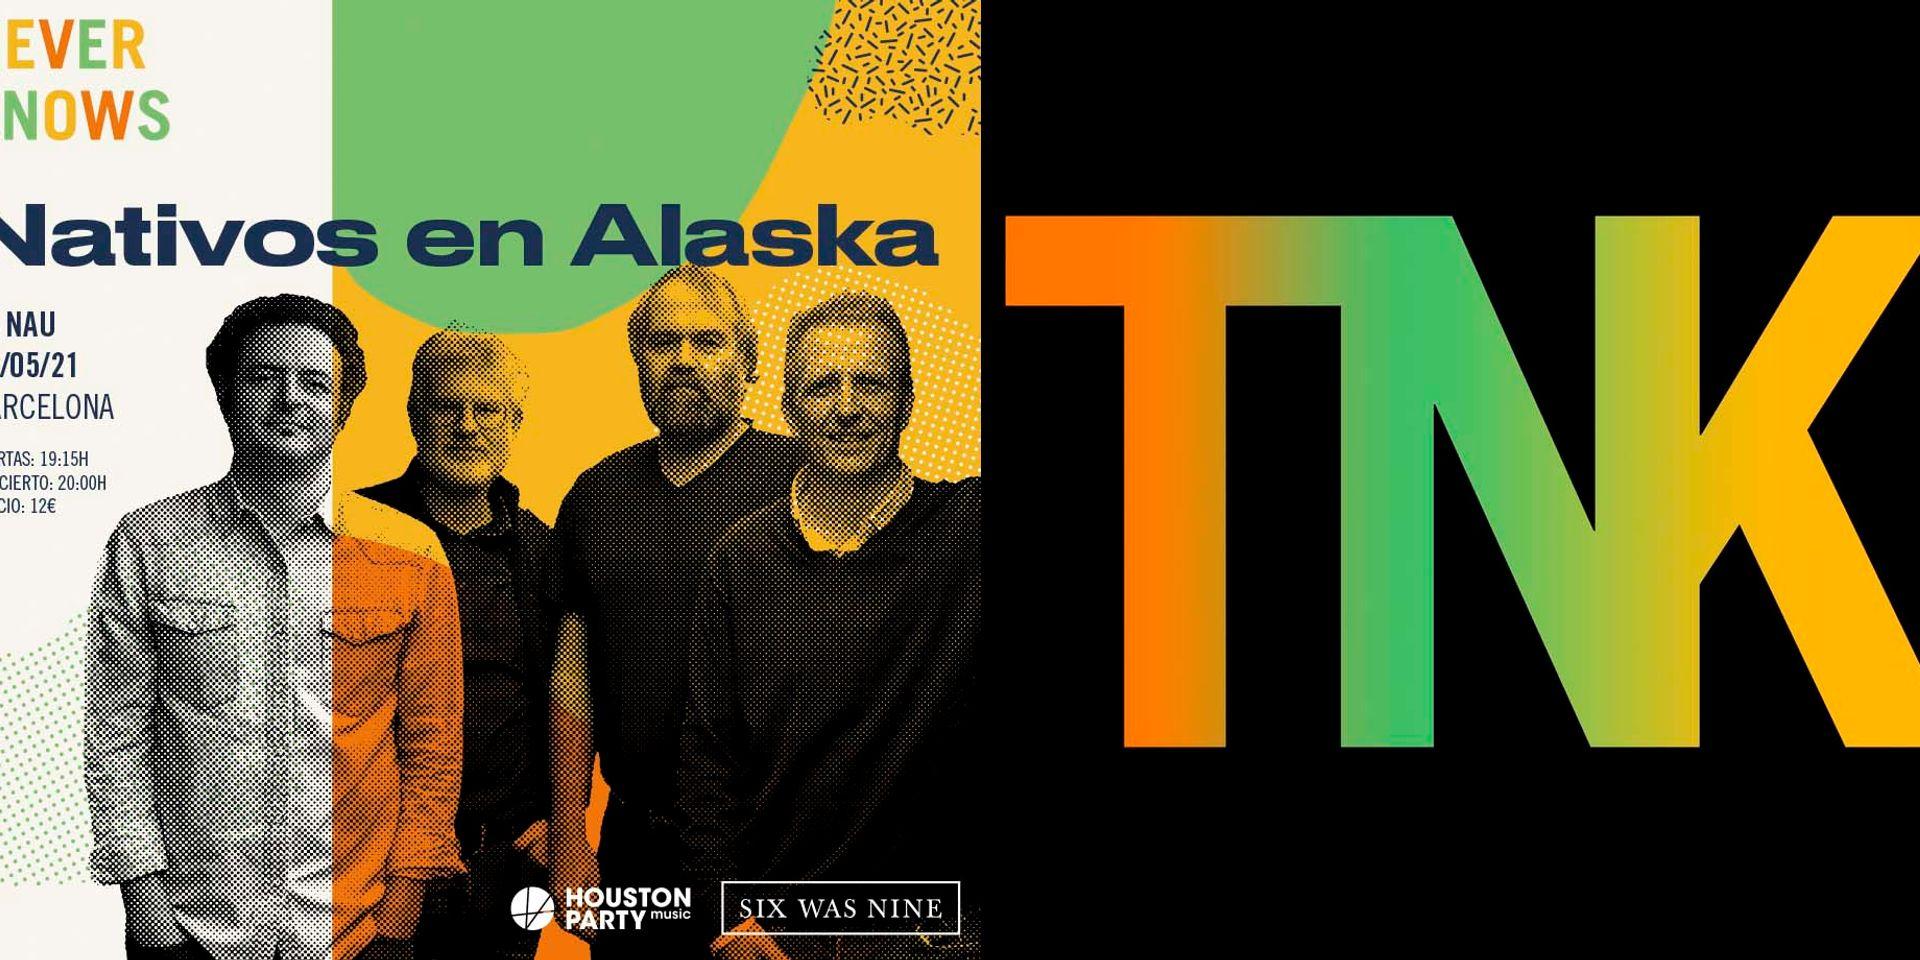 Nativos en Alaska, el 13 de mayo en La Nau de Barcelona